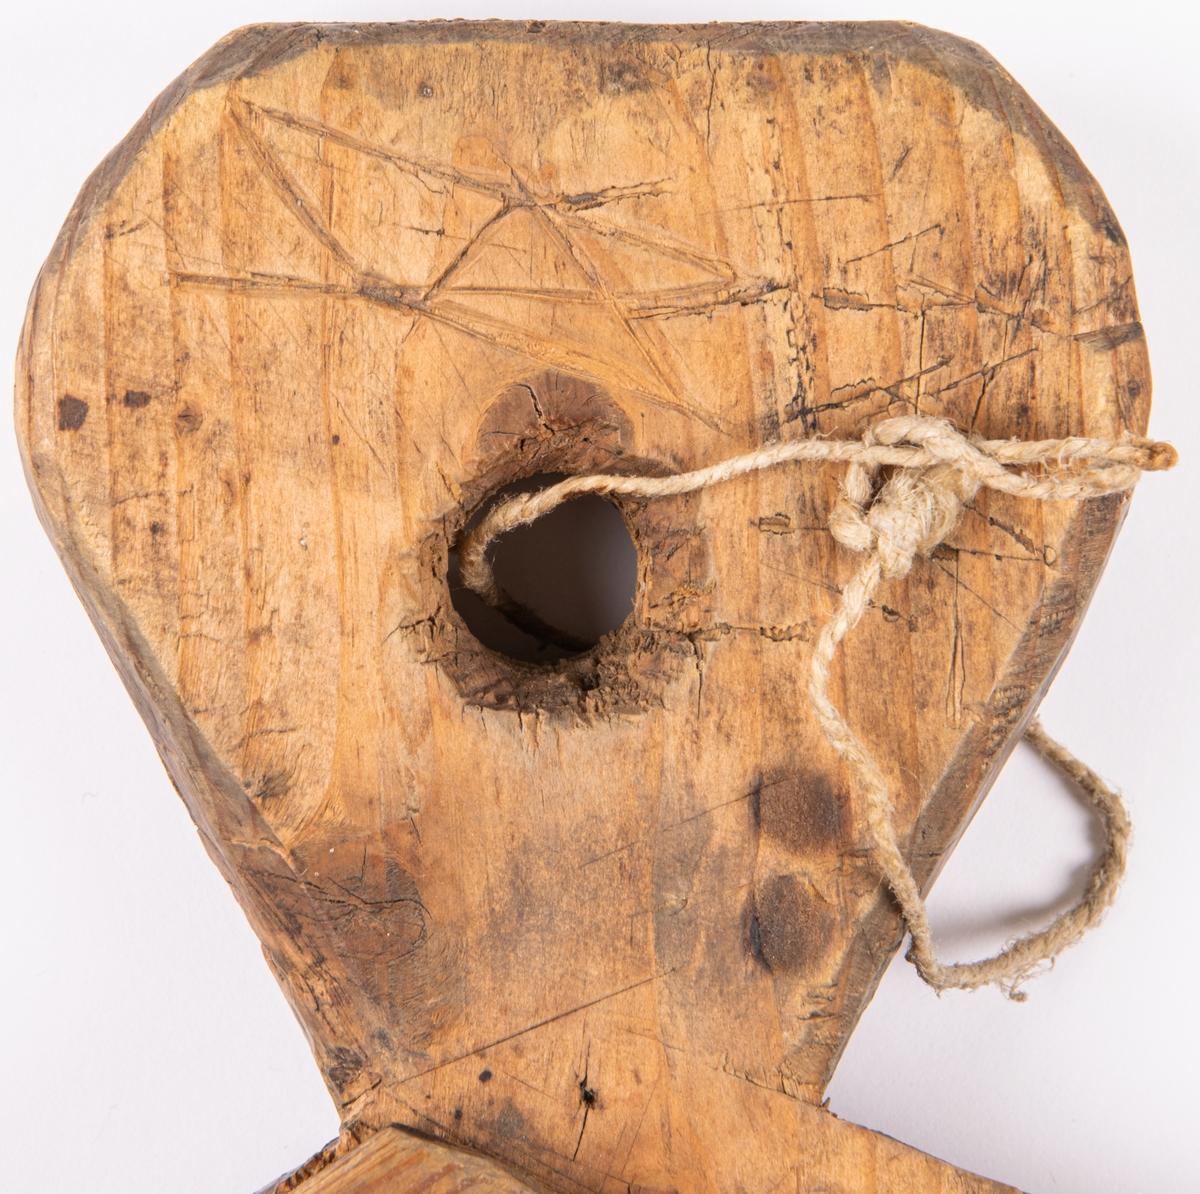 Kat.kort: Karvbräde, skärbräda för tobak, av trä /fur eller gran/. Handtag i ena änden, smala lister påspikade utmed kanterna, samt i mitten en träkubbe islagen.